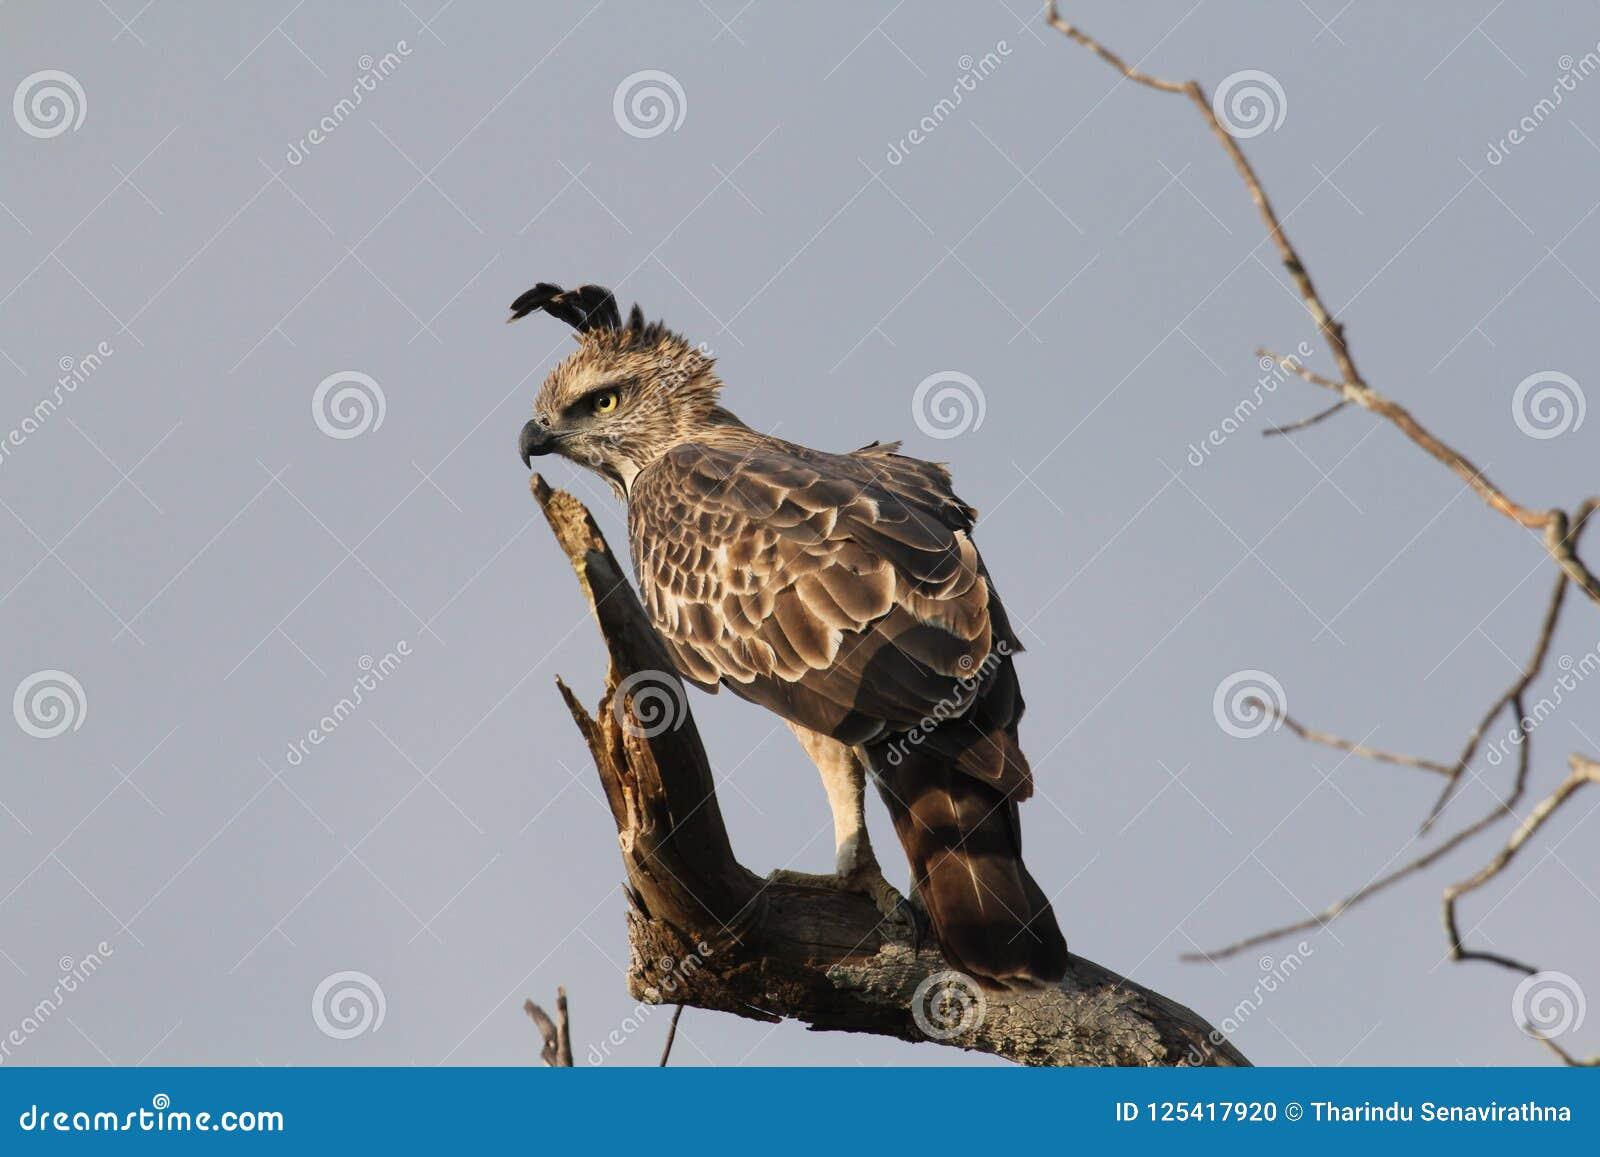 Длинные расстояния, диез наблюдают, цель изображения, Crested орел хоука, длинный чистосердечный гребень, редко витают, квартира